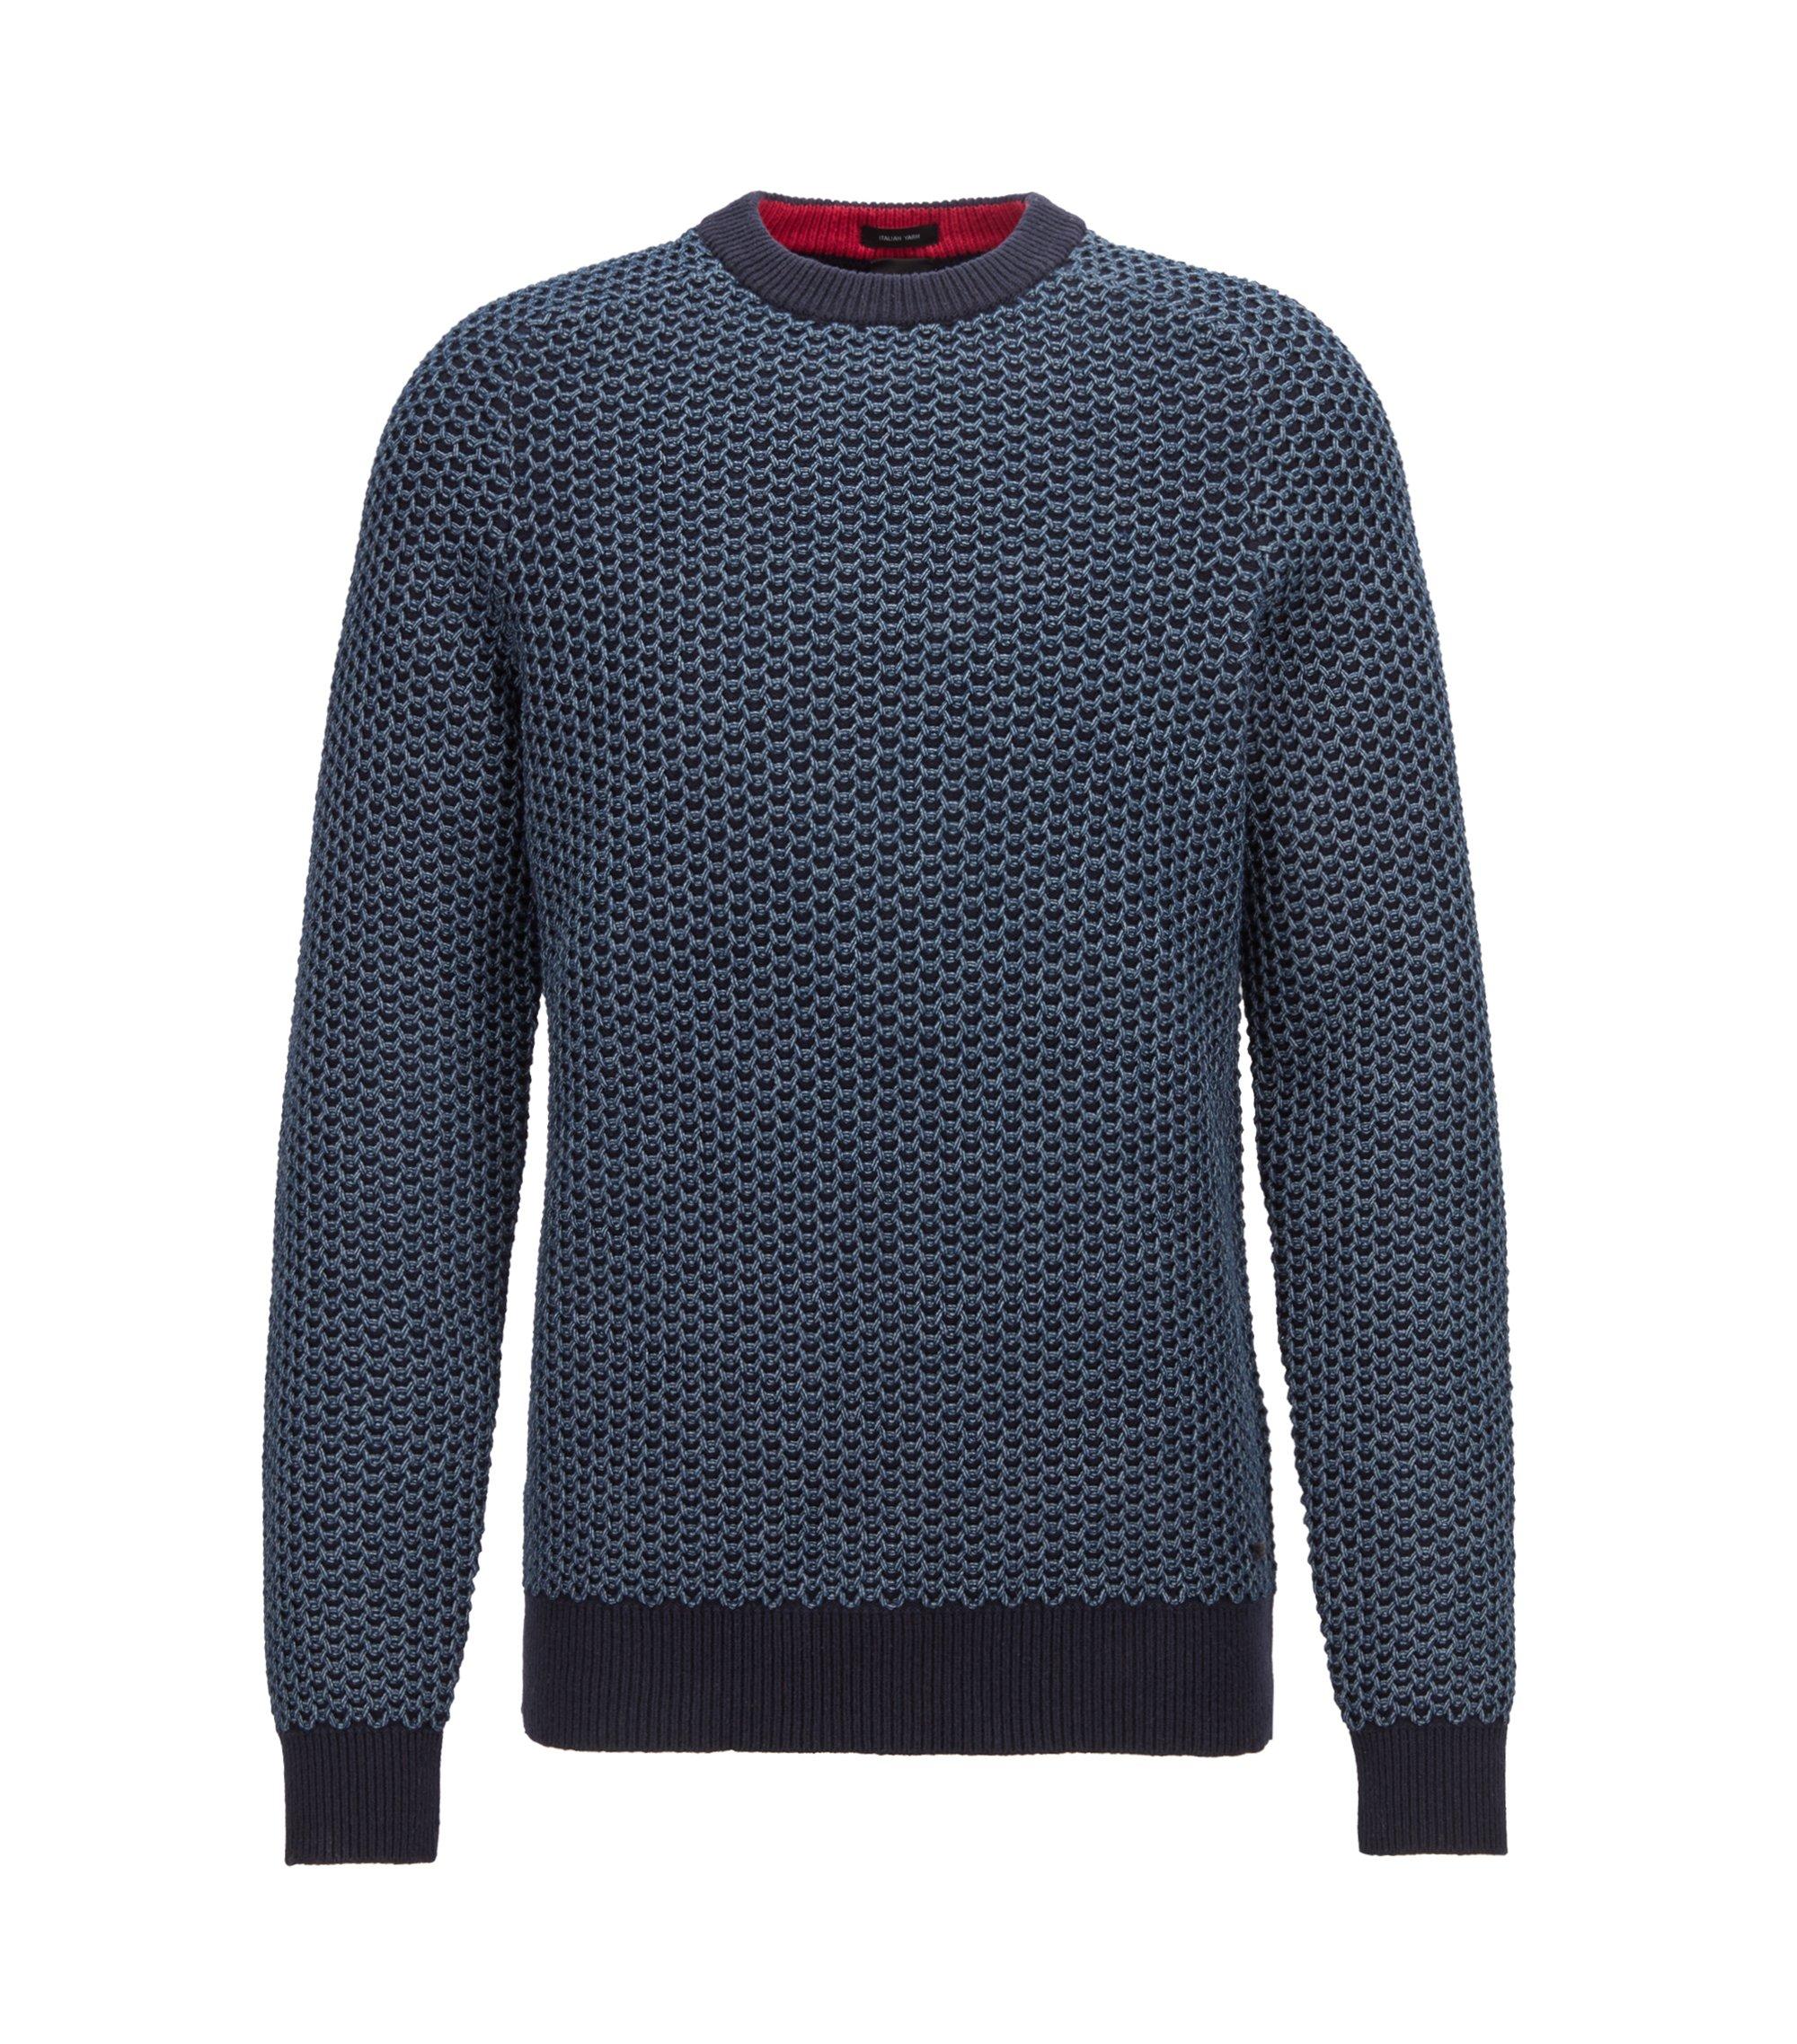 Zweifarbiger Pullover aus Baumwoll-Mix mit Netzstruktur, Dunkelblau